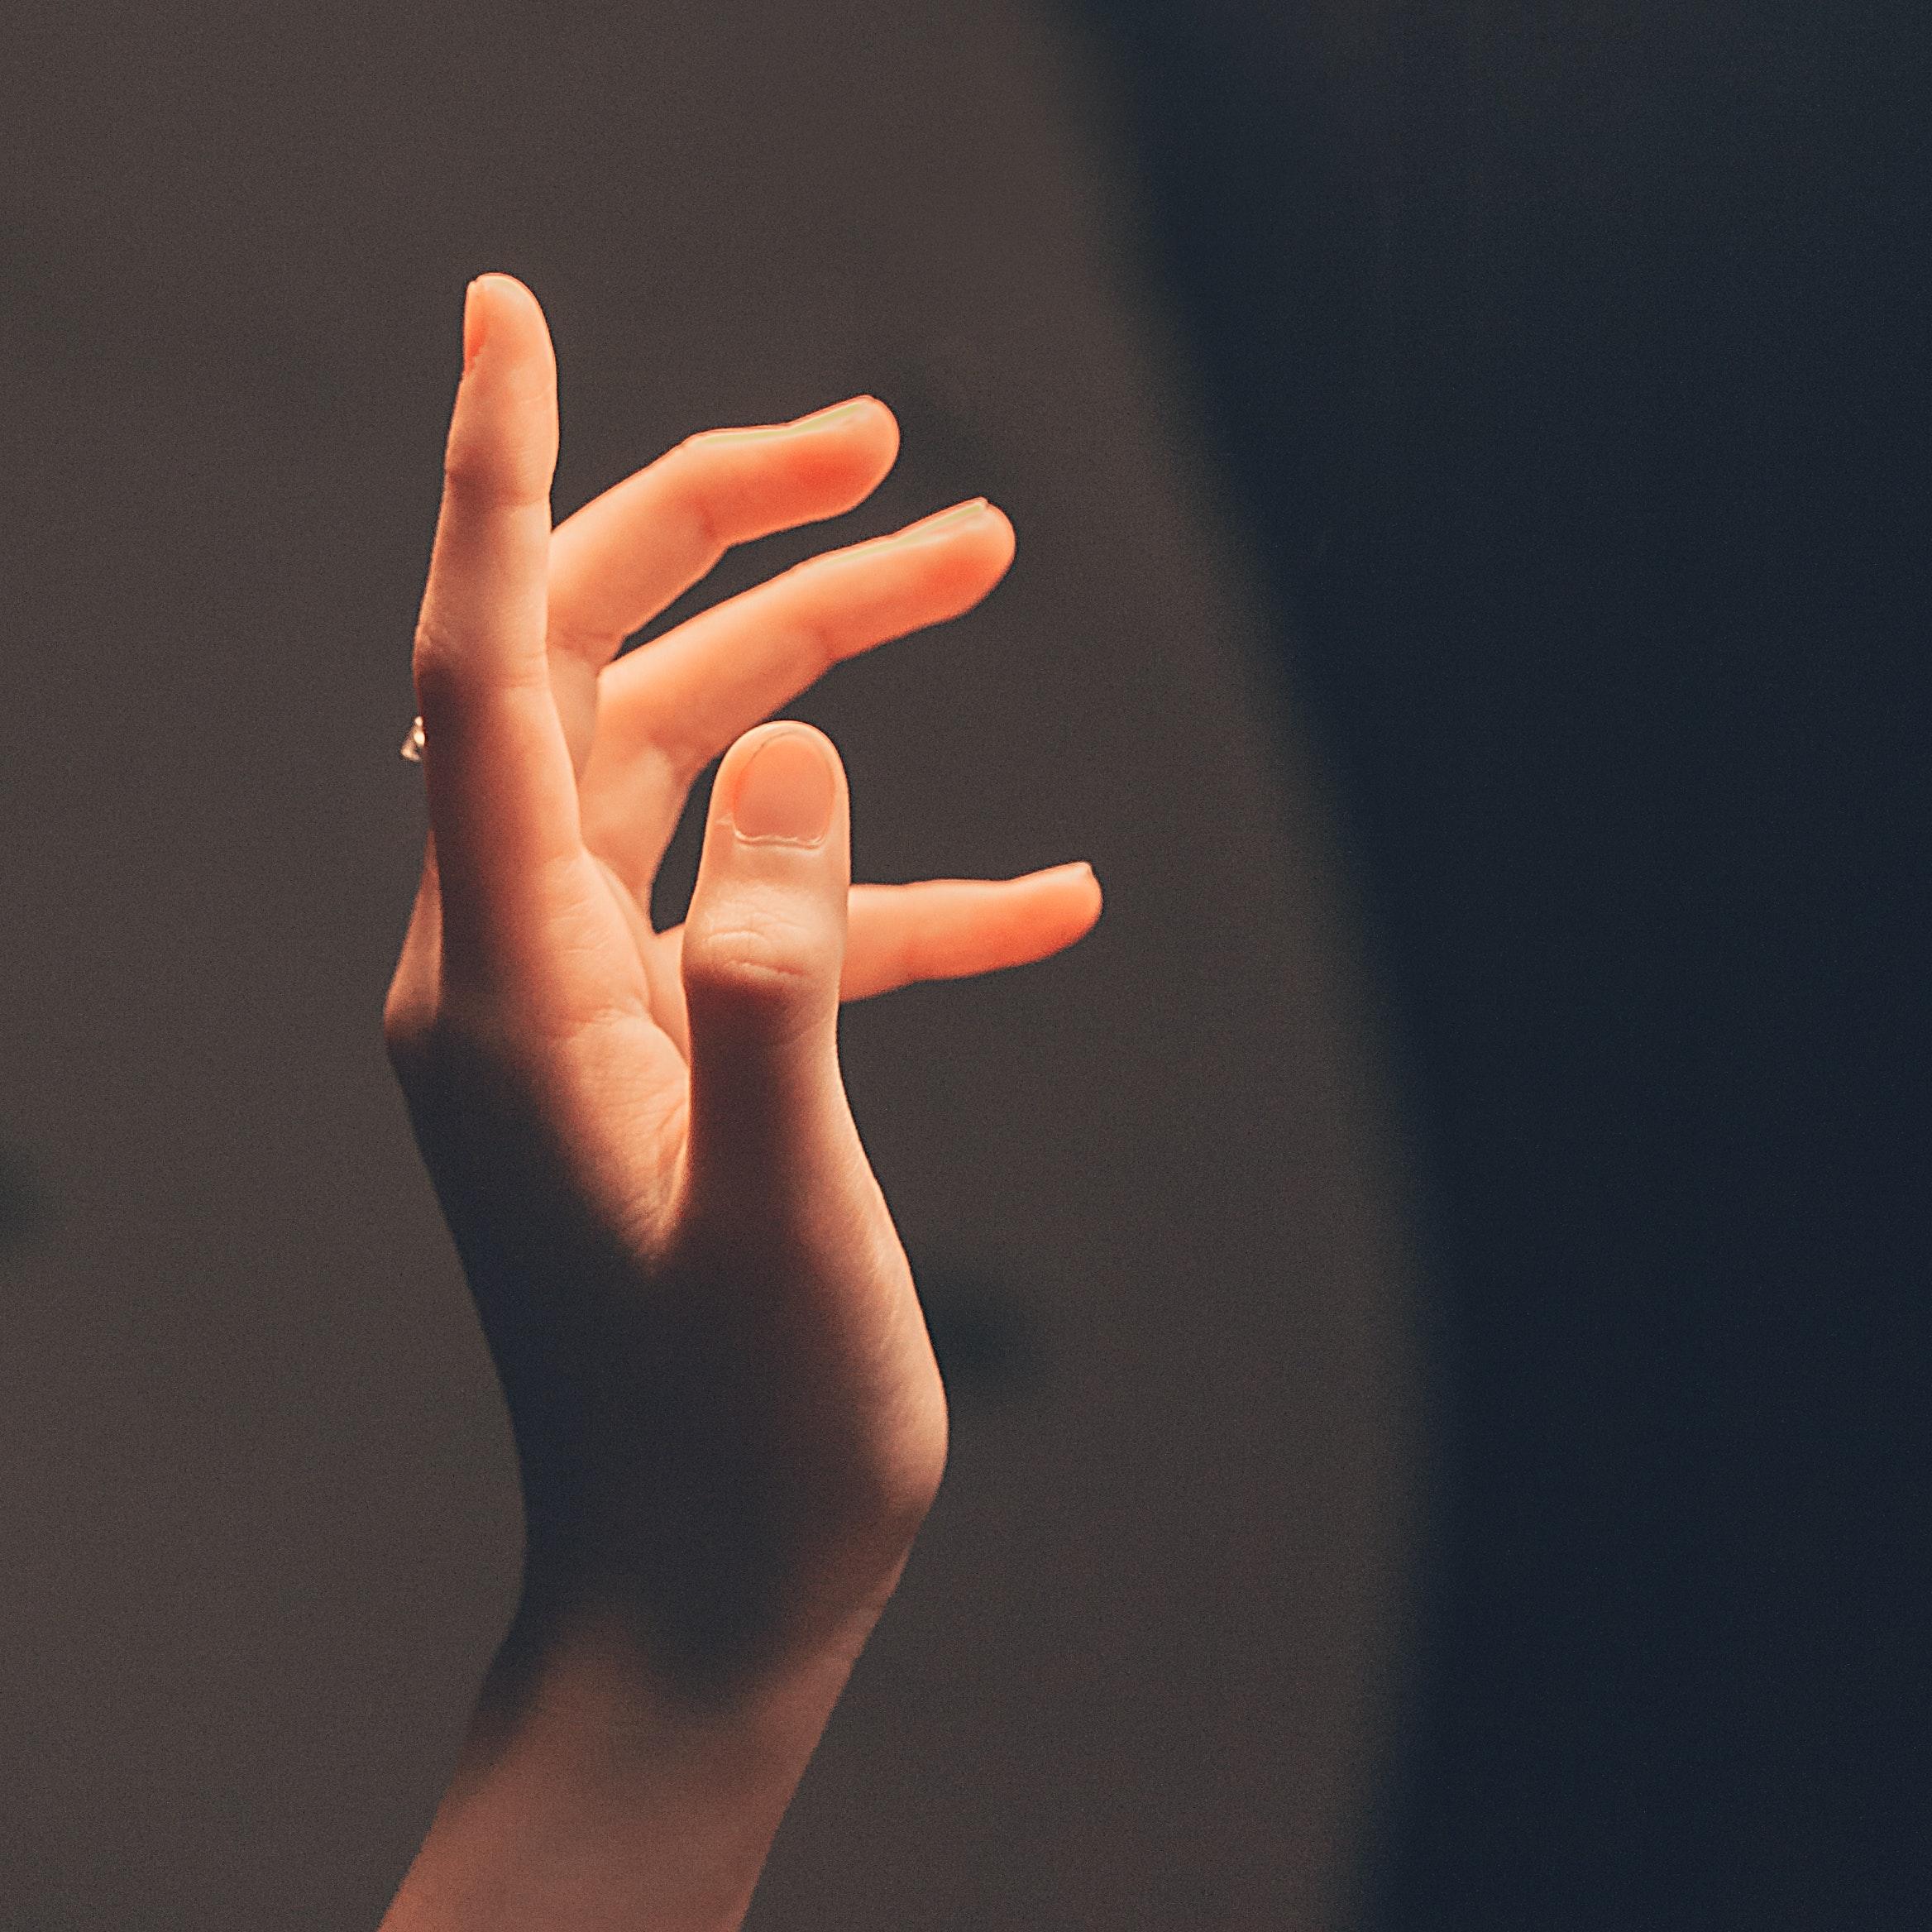 trigger finger symptoms